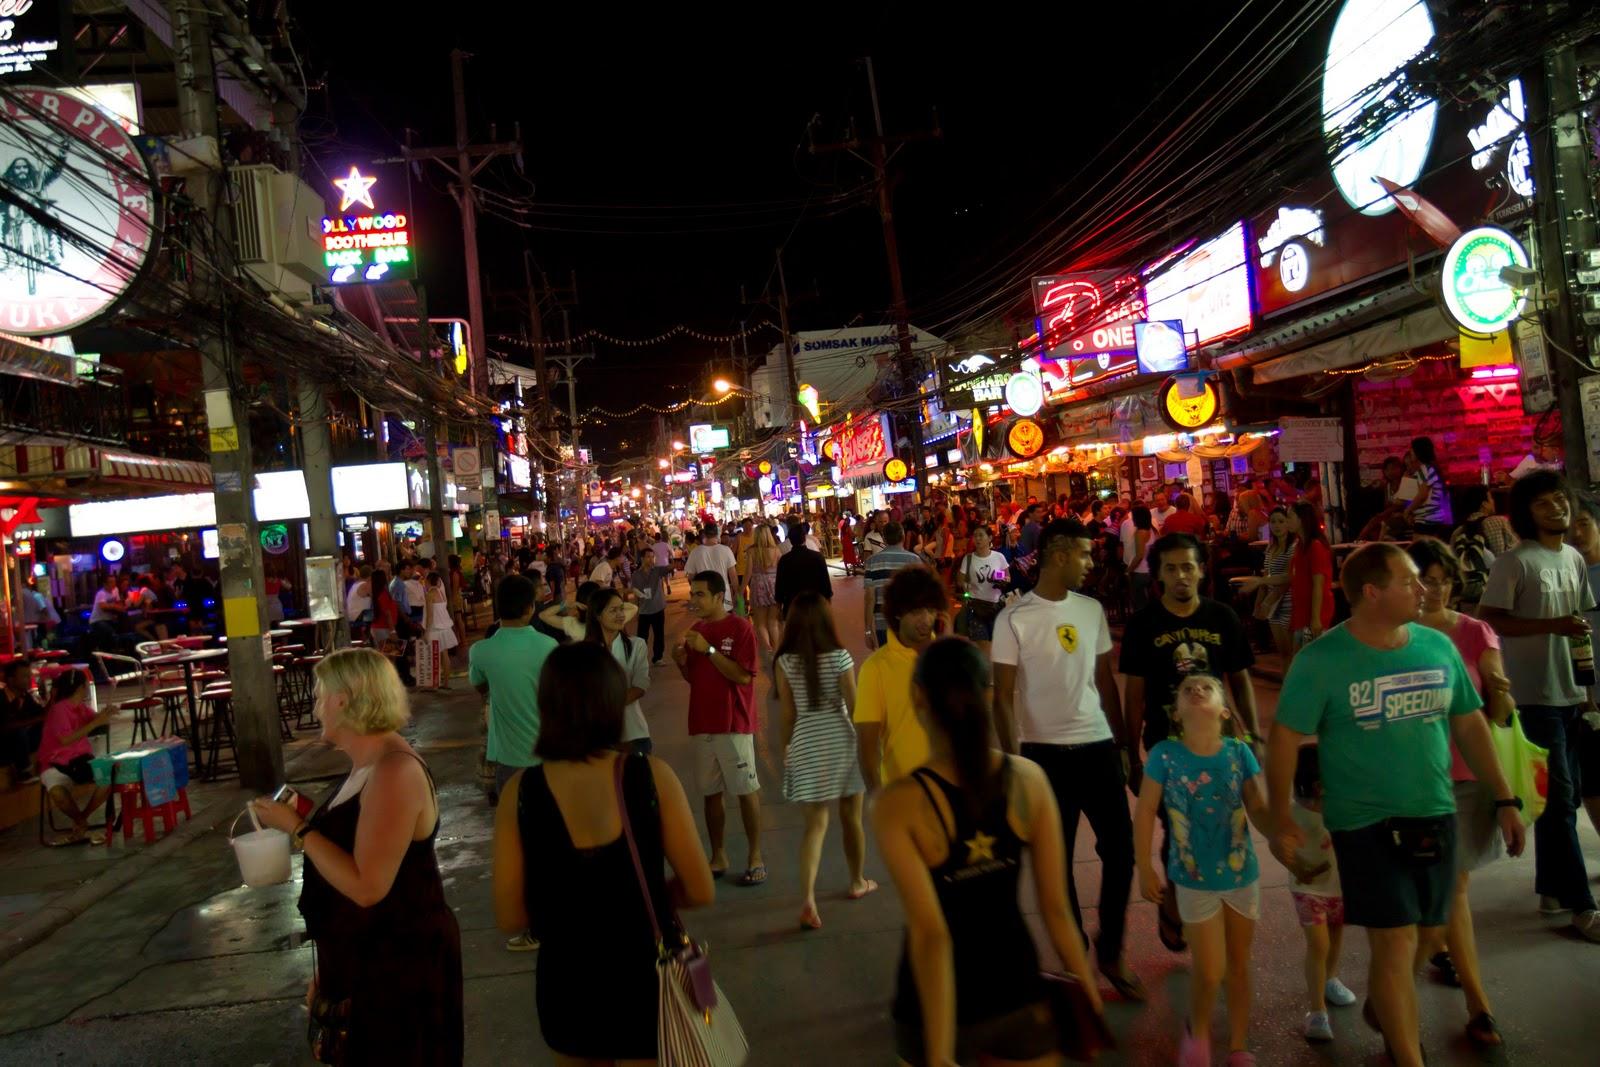 bengali thailand phuket escort